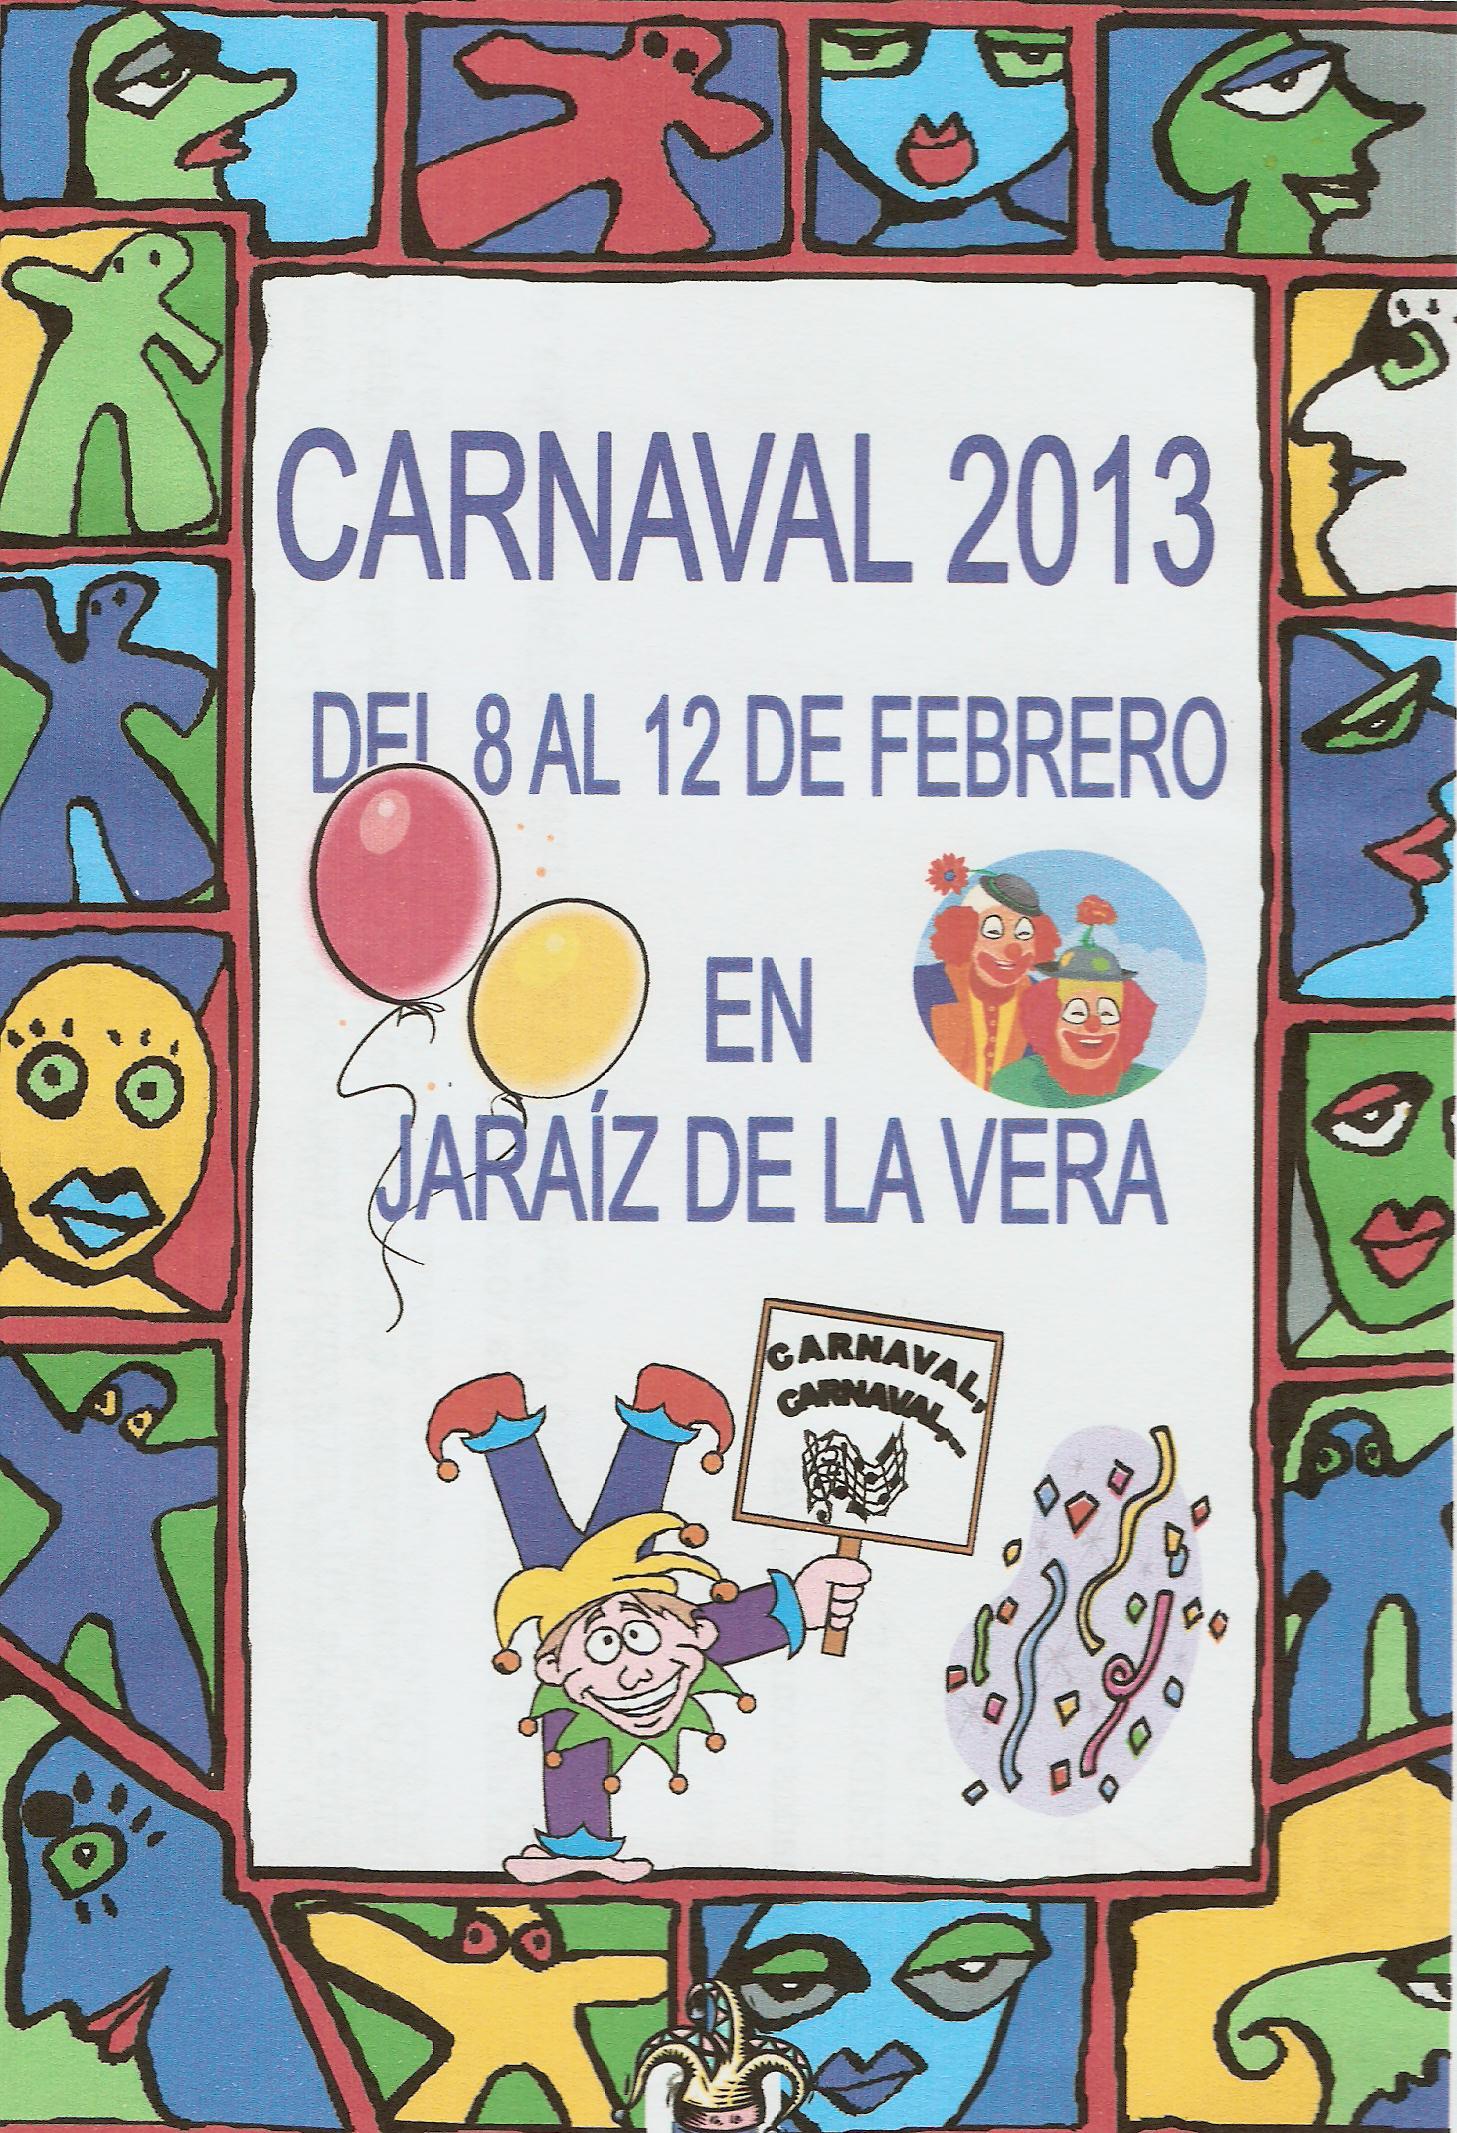 El presupuesto de los premios del carnaval jaraiceño se reduce un veinticinco por ciento